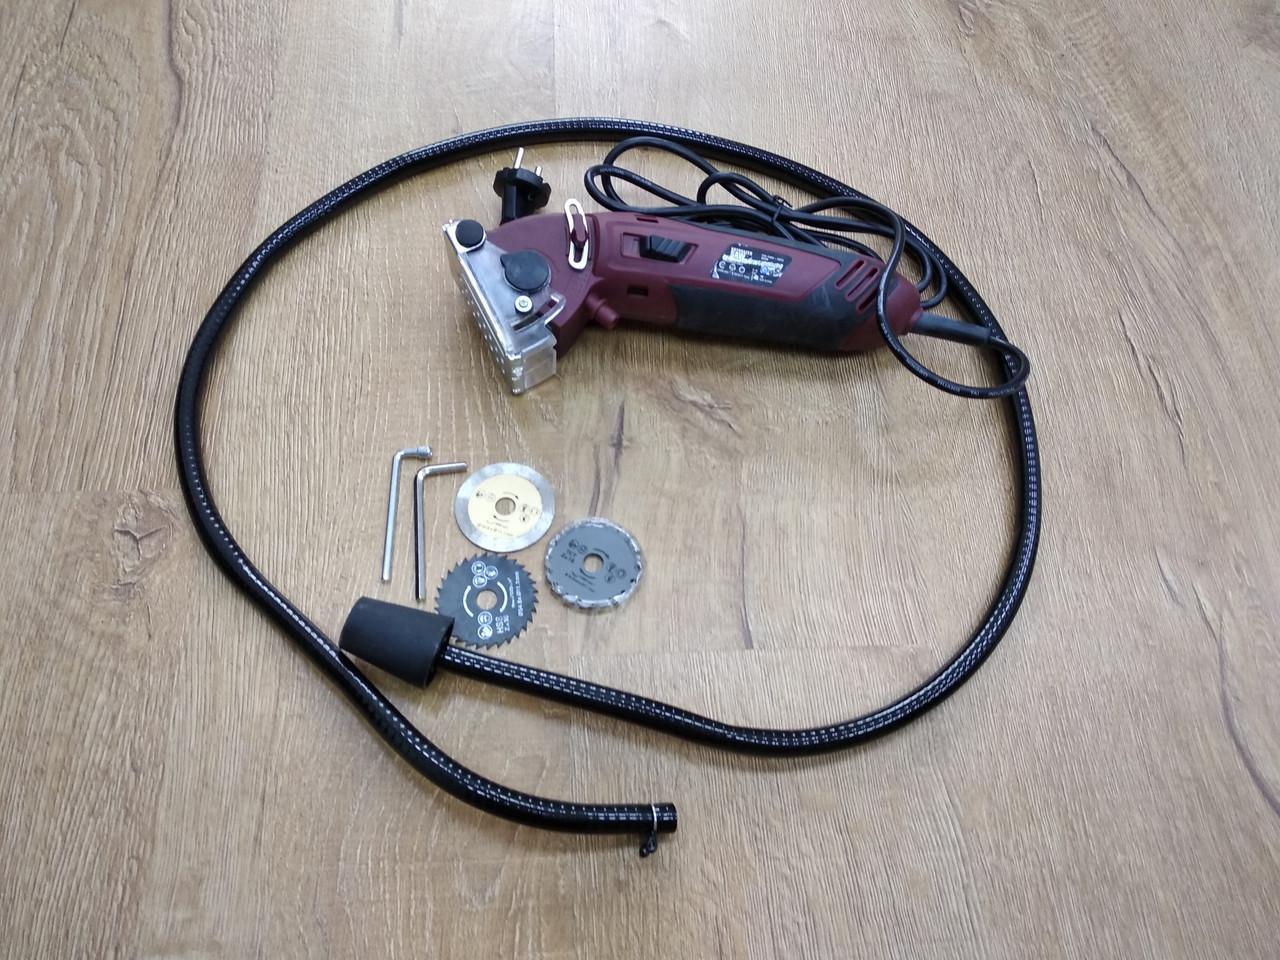 Роторайзер (універсальна пила) Saw : Кейс + Три леза в комплекті   Гарантія 1 рік